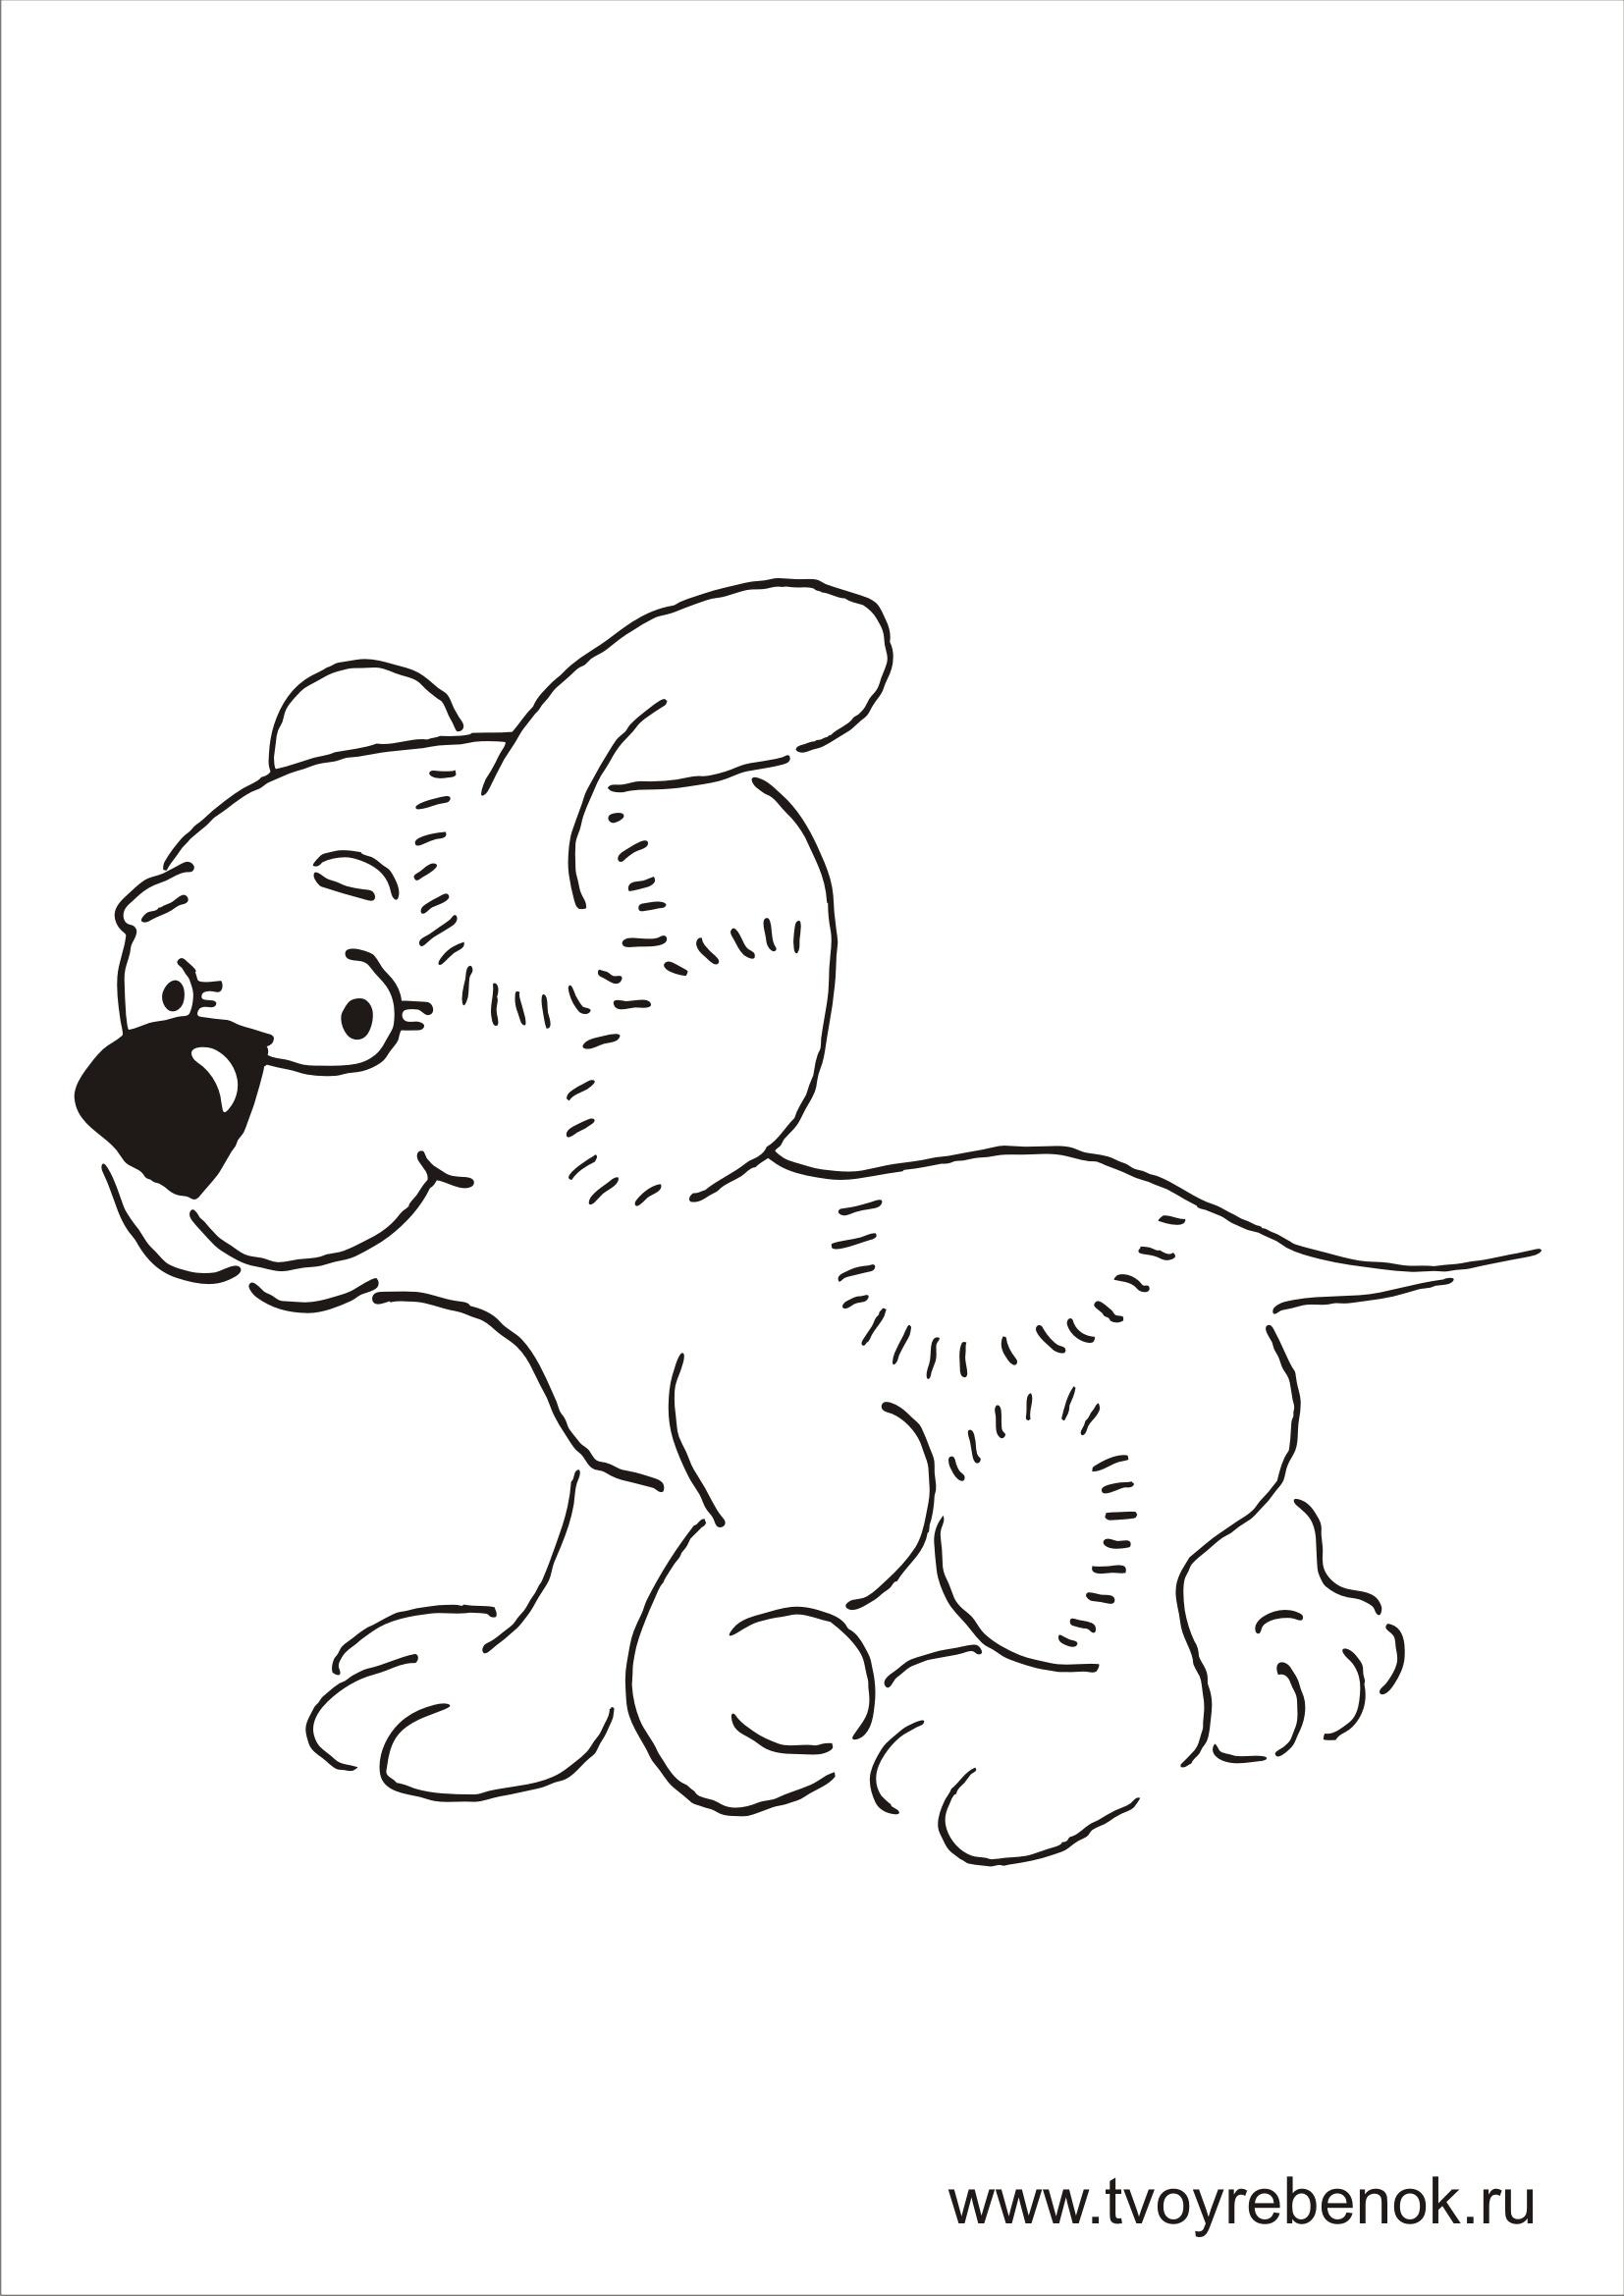 раскраски собак распечатать бесплатно красивые раскраски